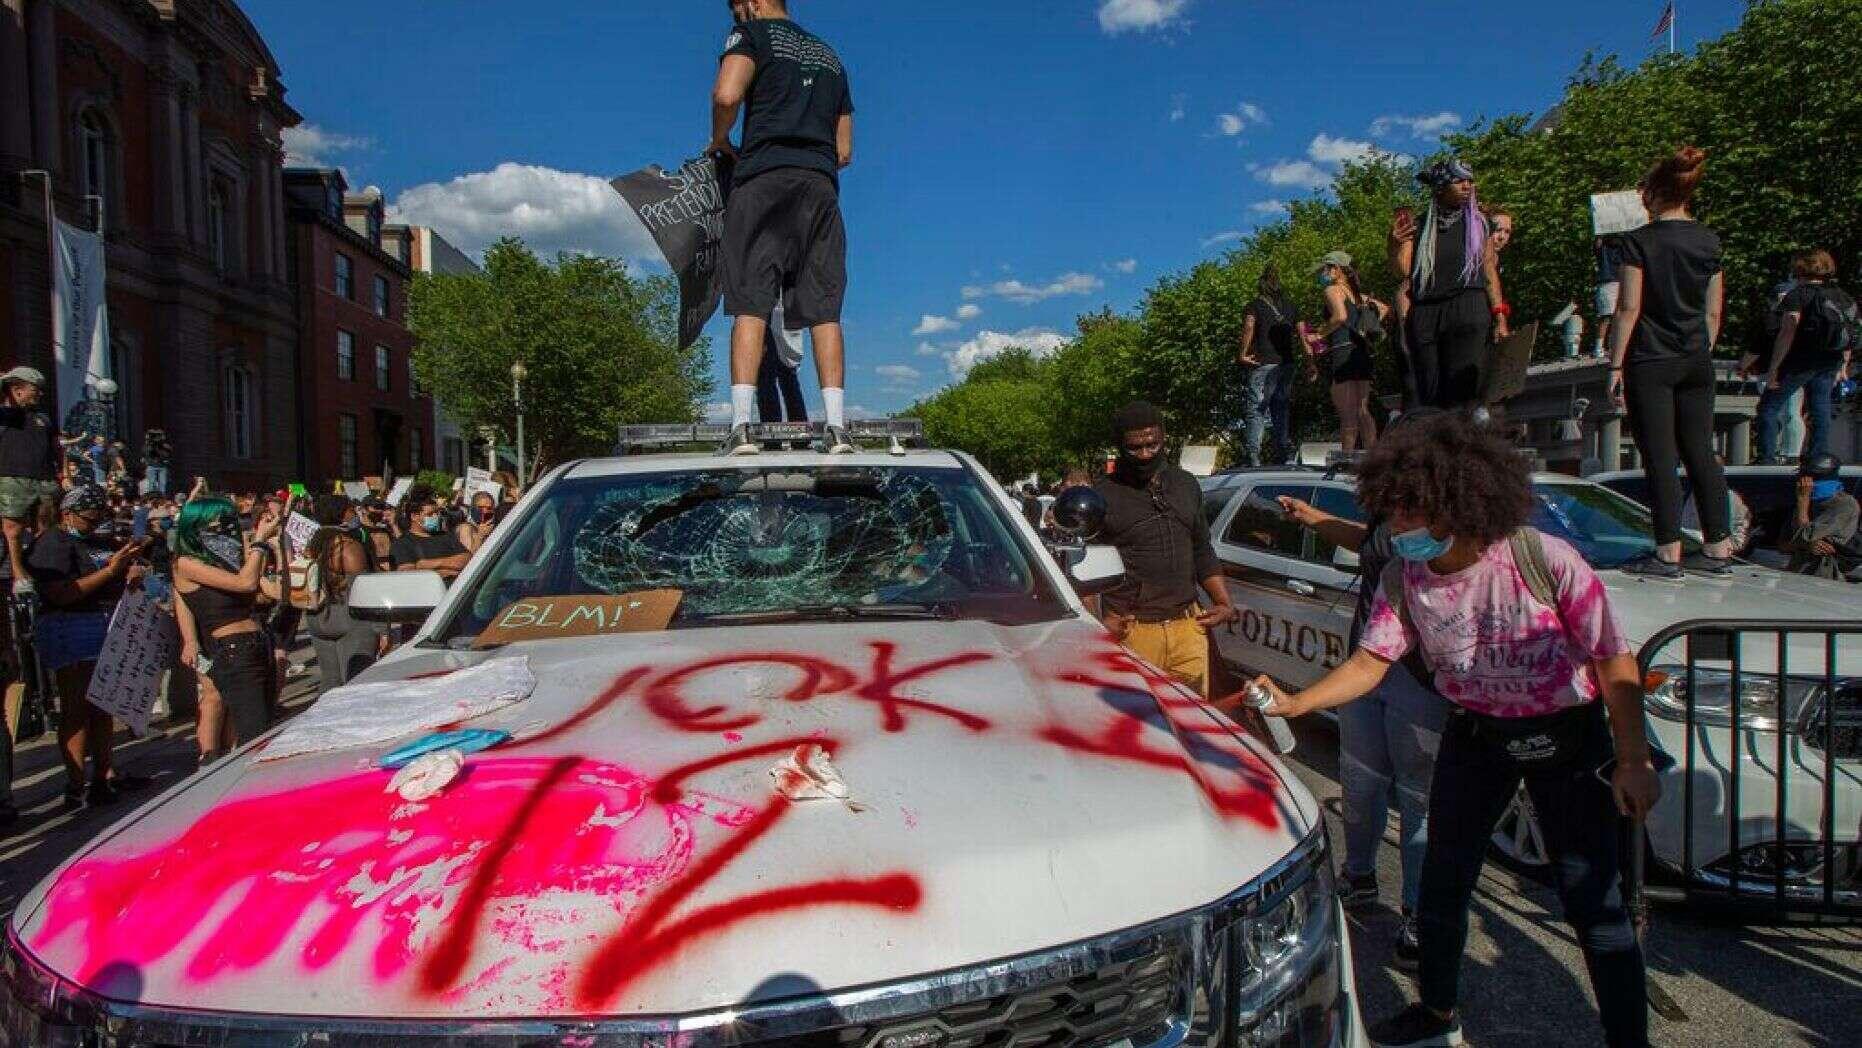 5月30日,在白宫附近,示威者站在的美国特勤局车辆上,车辆挡风已玻璃破碎(图源:美联社)